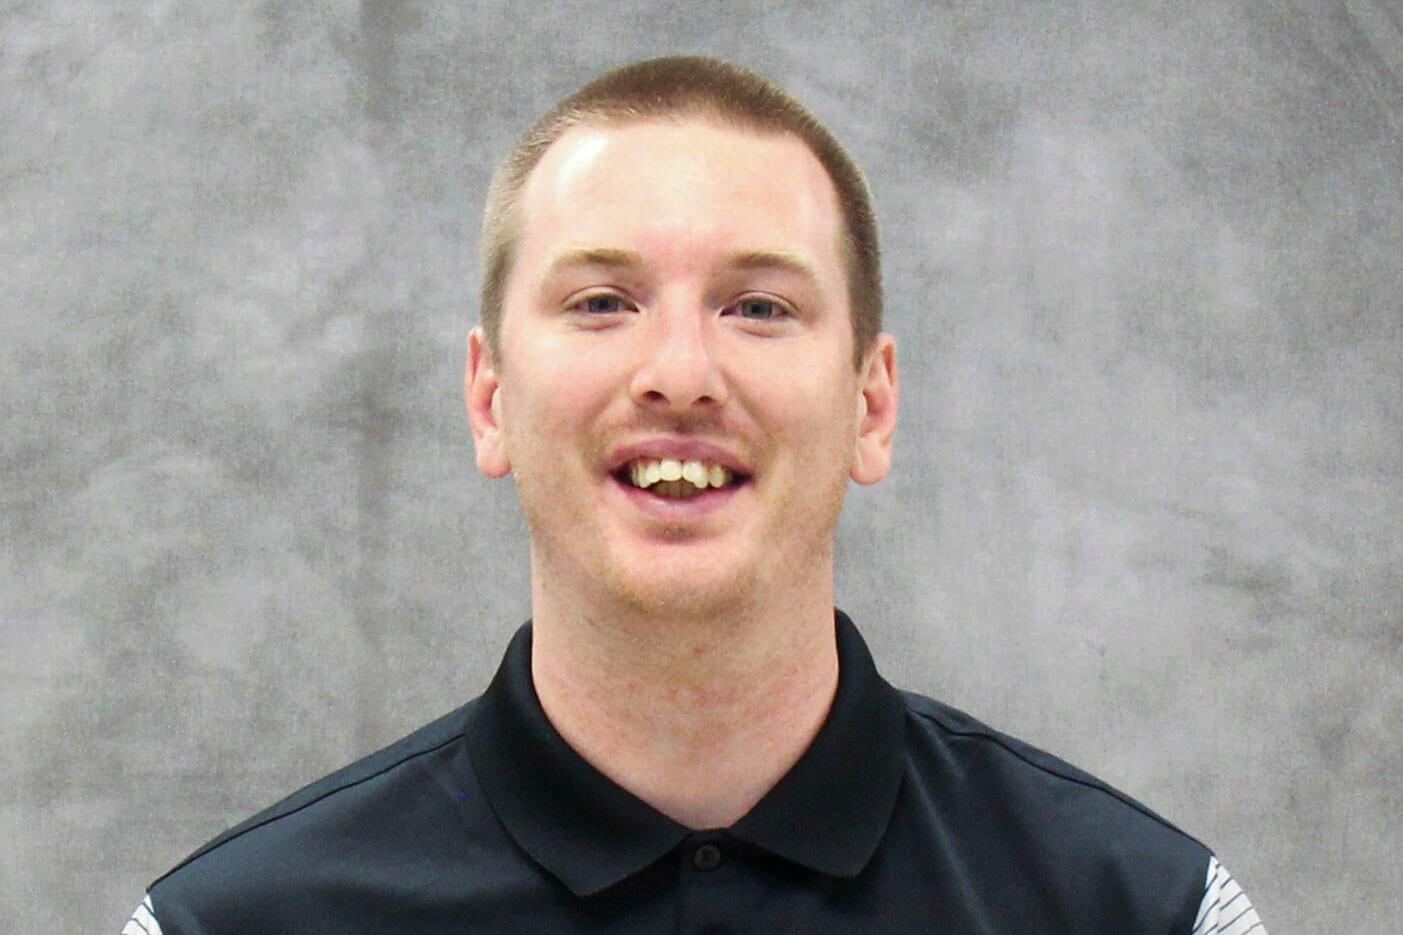 Photo of Brock Kimball